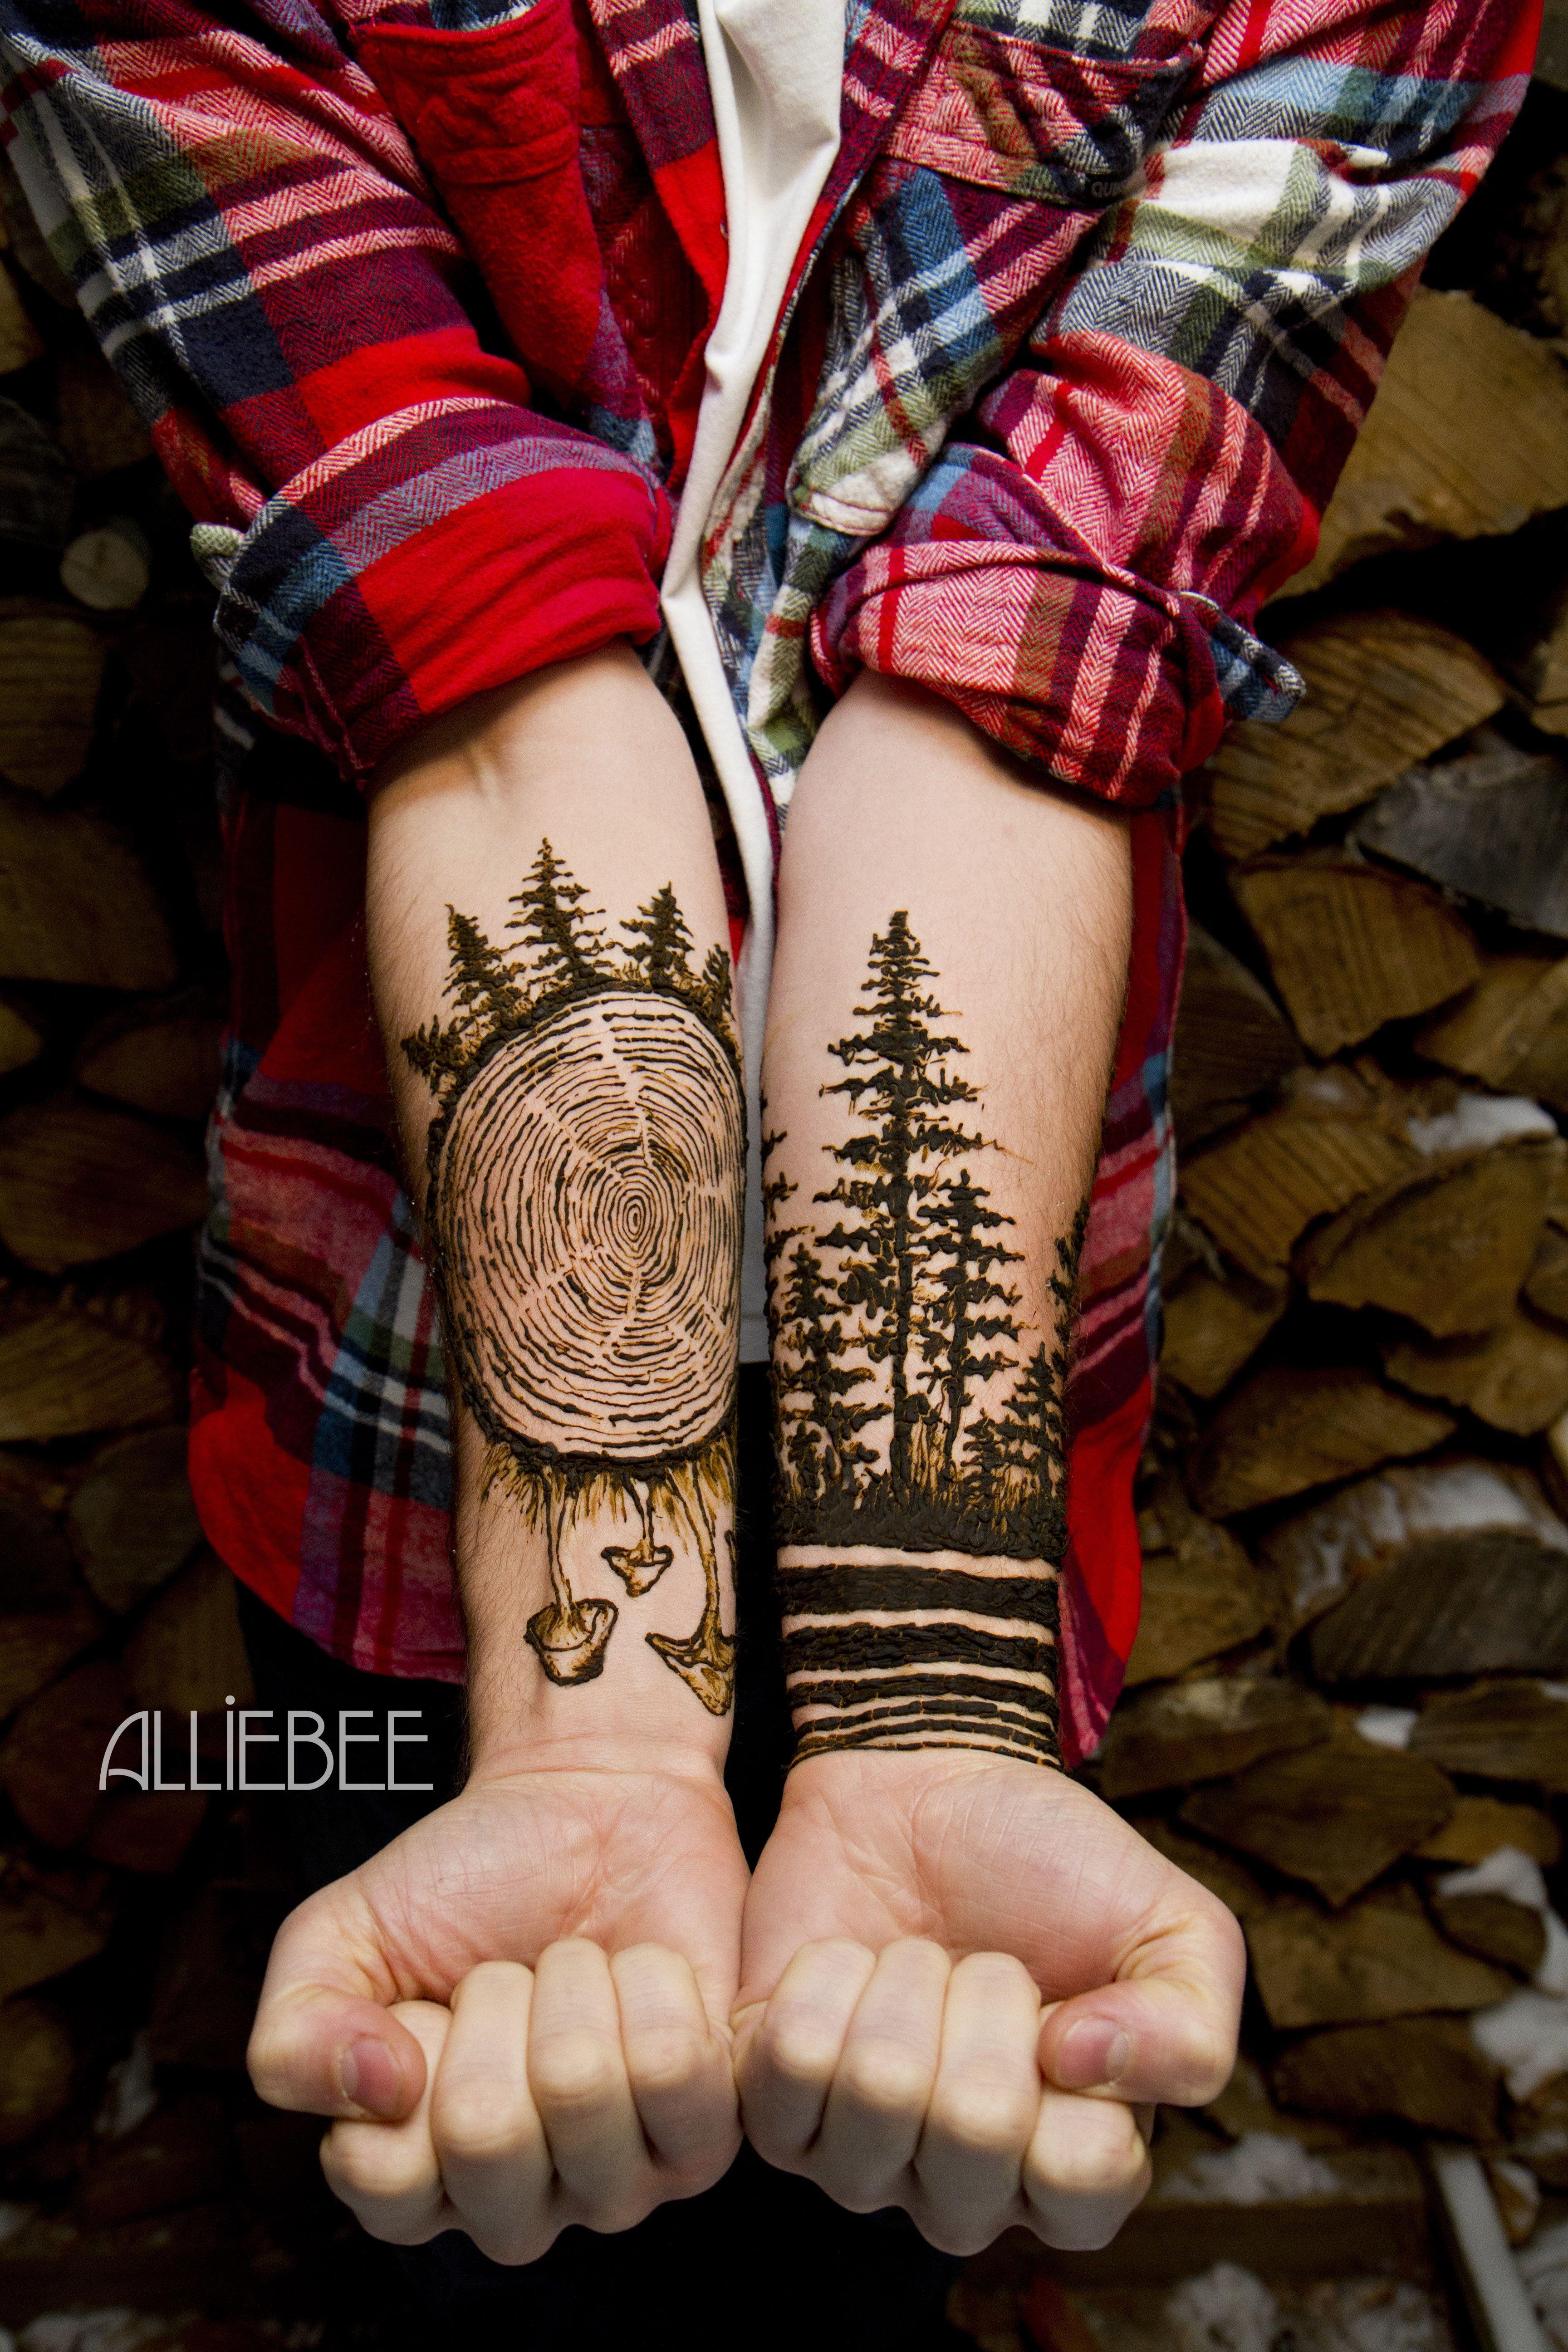 Hand tattoos tattoo ideas hands body art tattoo s floral tattoo - Alliebee Henna Tree Stump And Tree Tattoo The Right Side